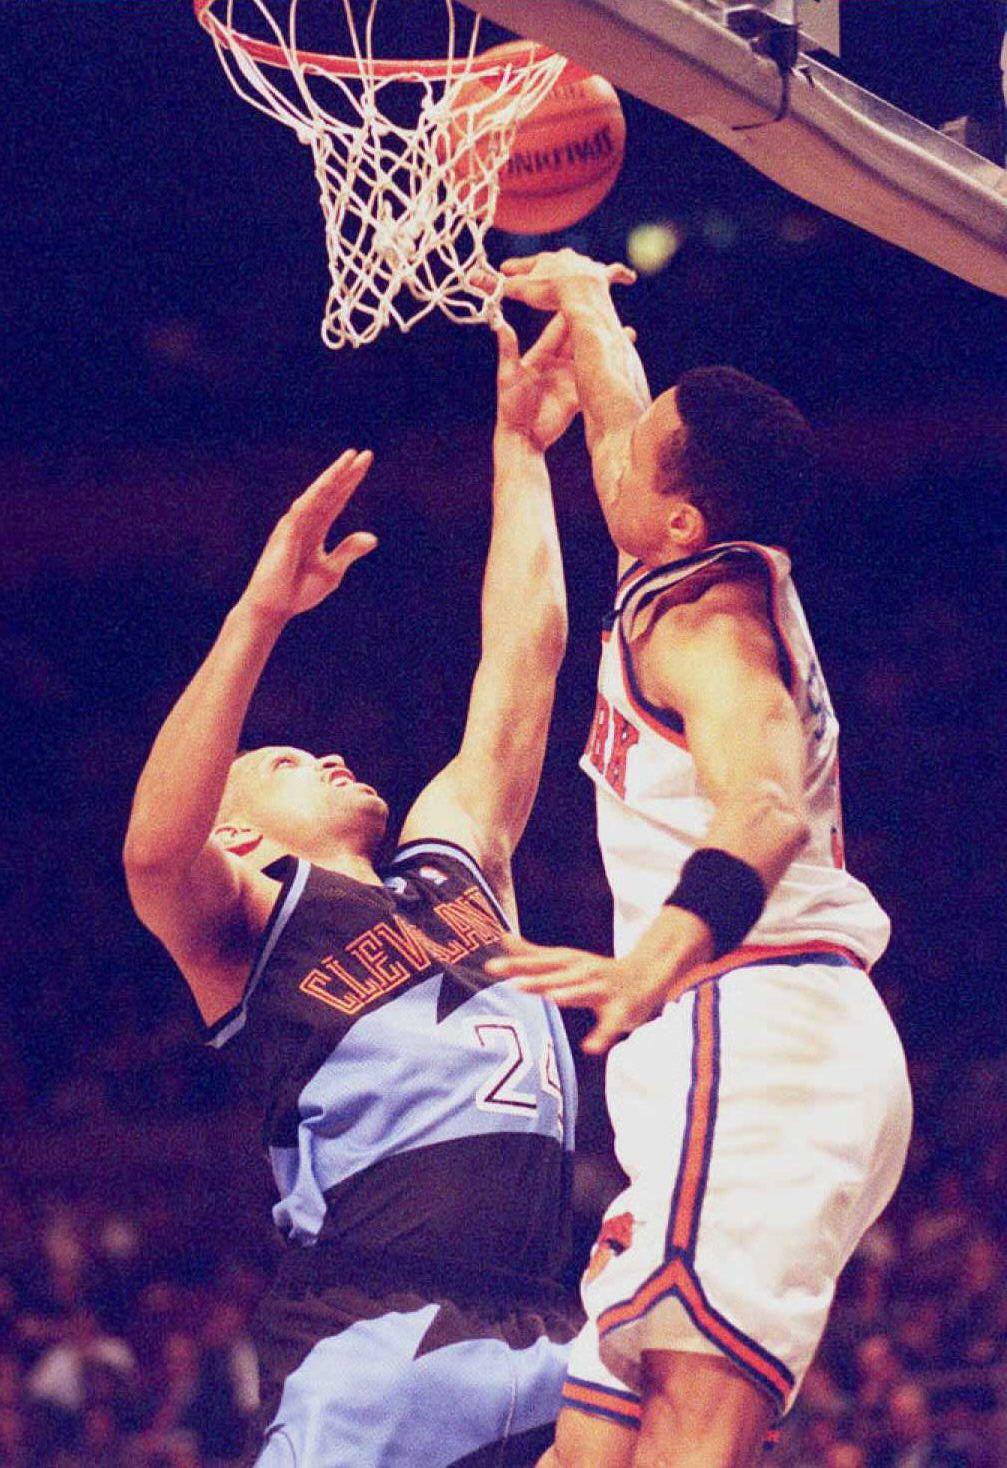 New York Knicks' John Starks (R) blocks a shot att